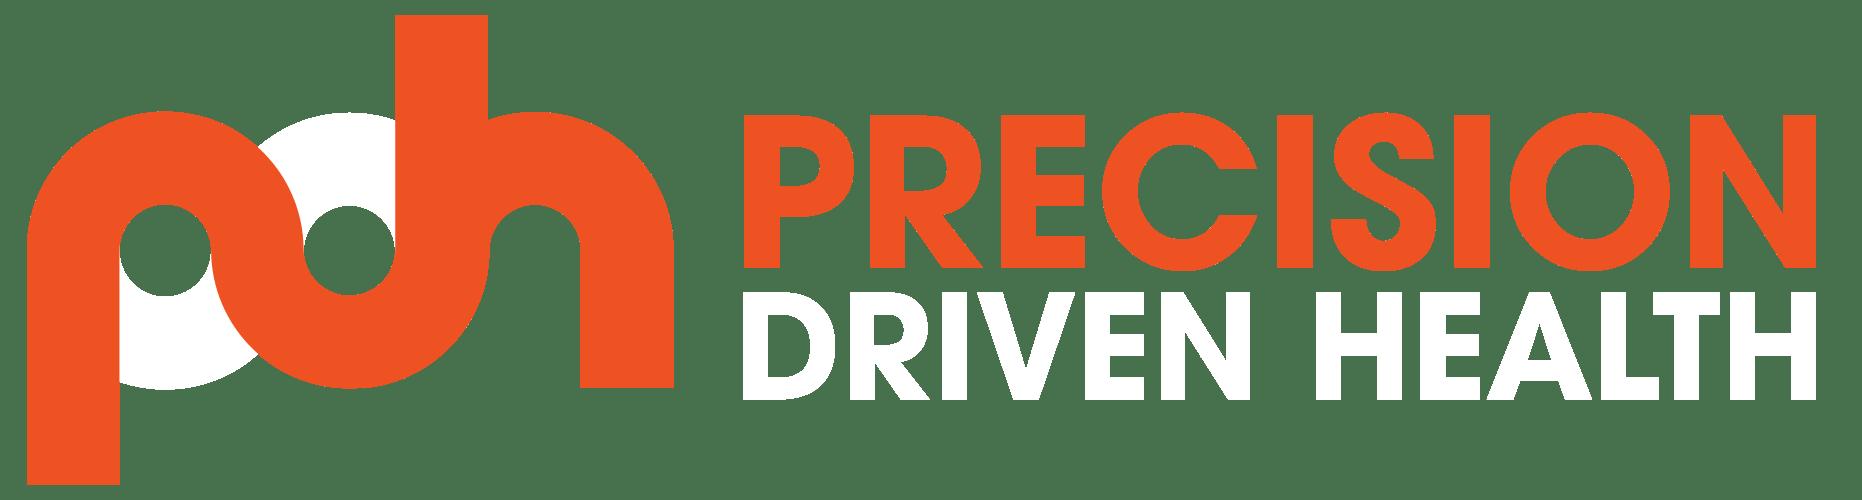 Precision Driven Health